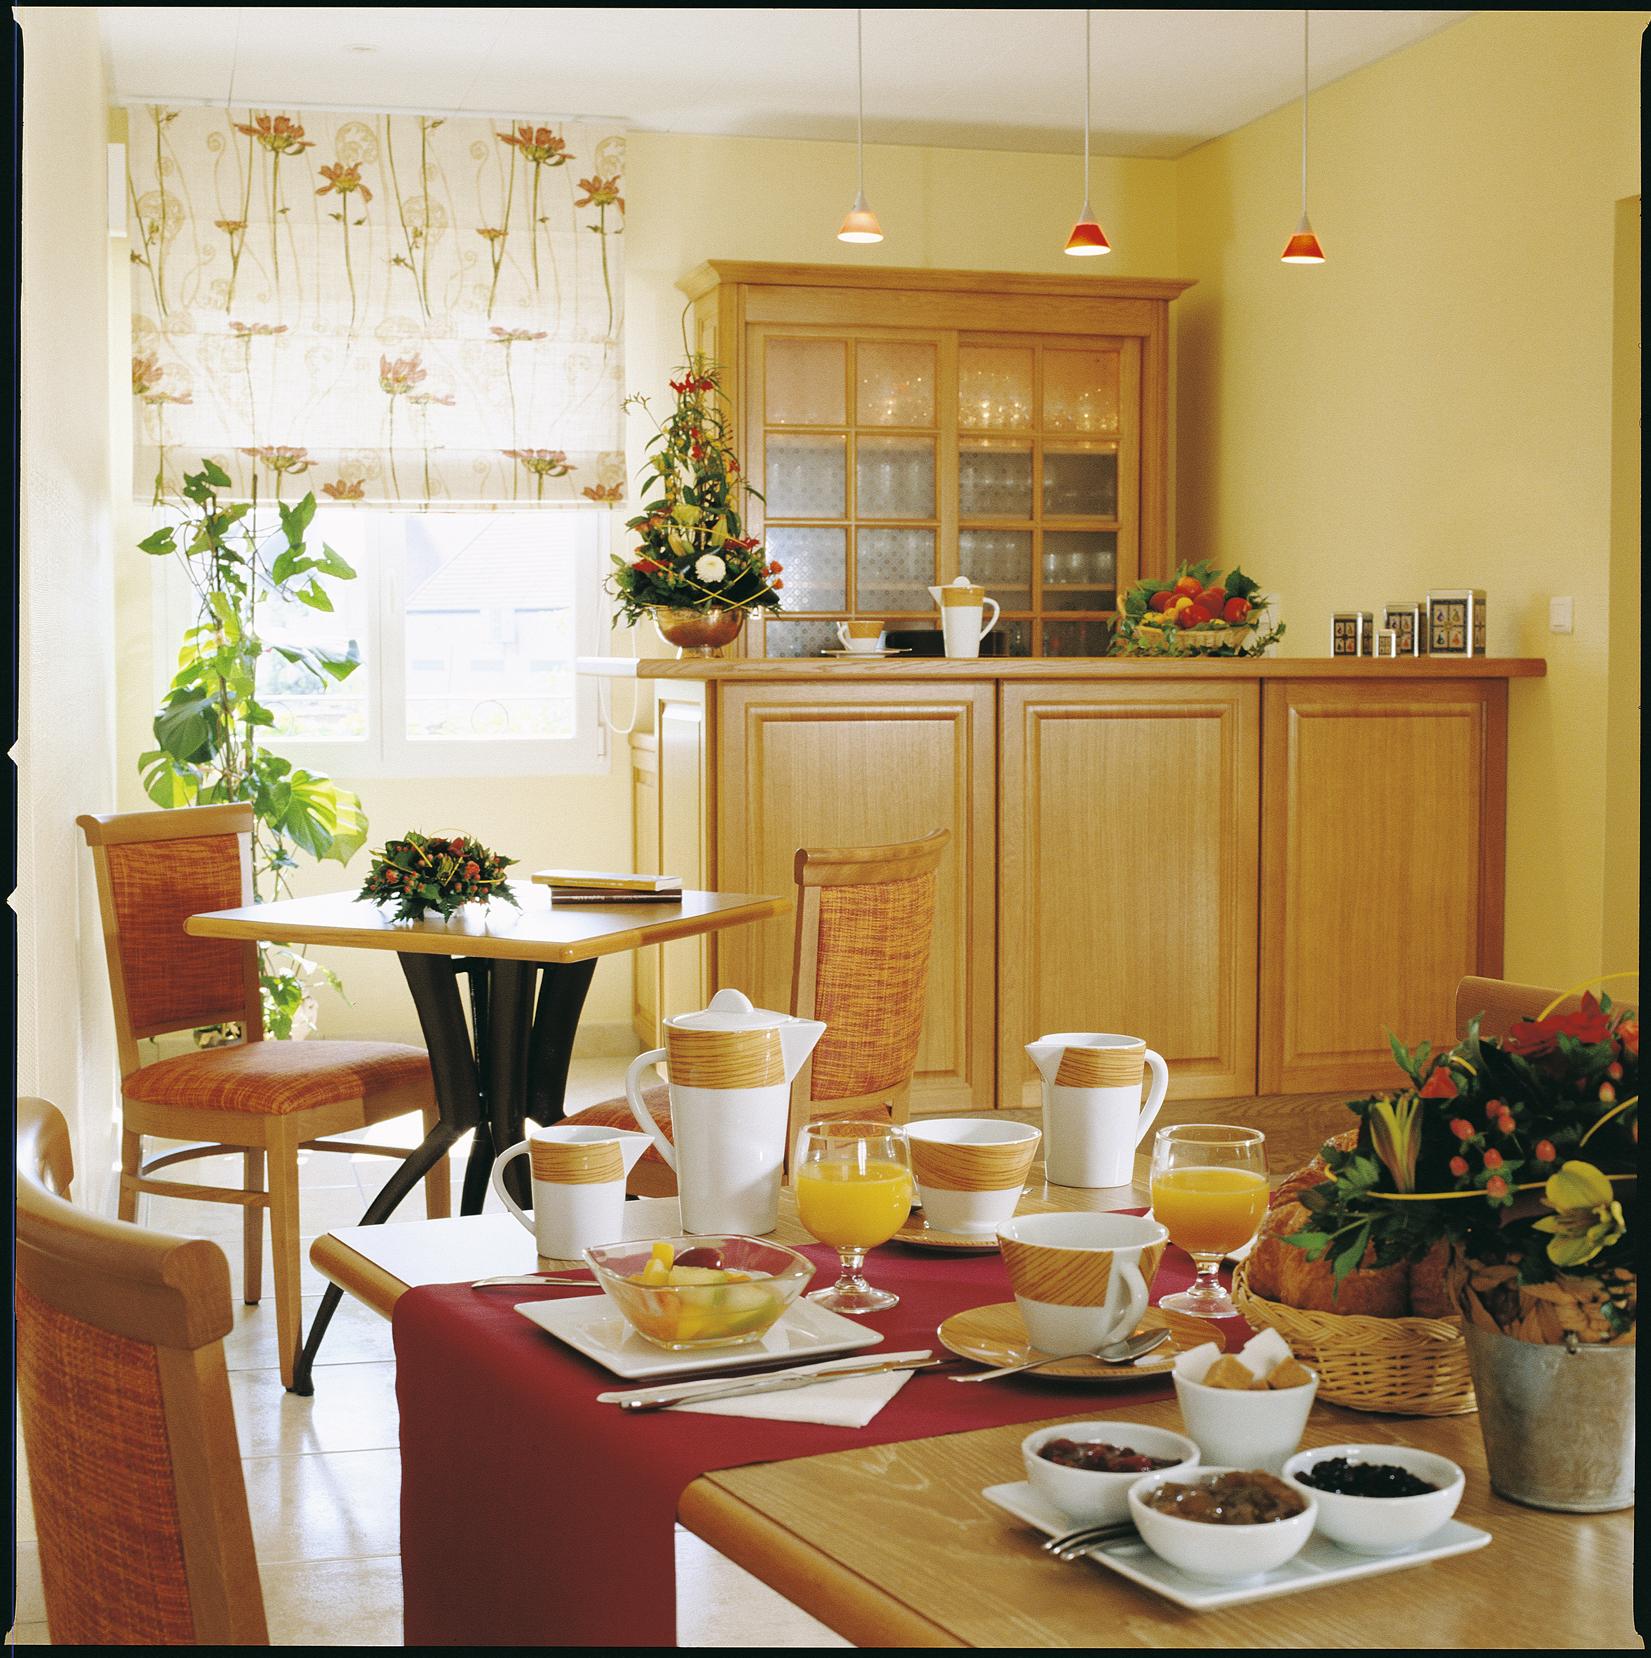 Salle de petit-déjeuner - HOTEL DES GRANDS CRUS ©HOTEL DES GRANDS CRUS